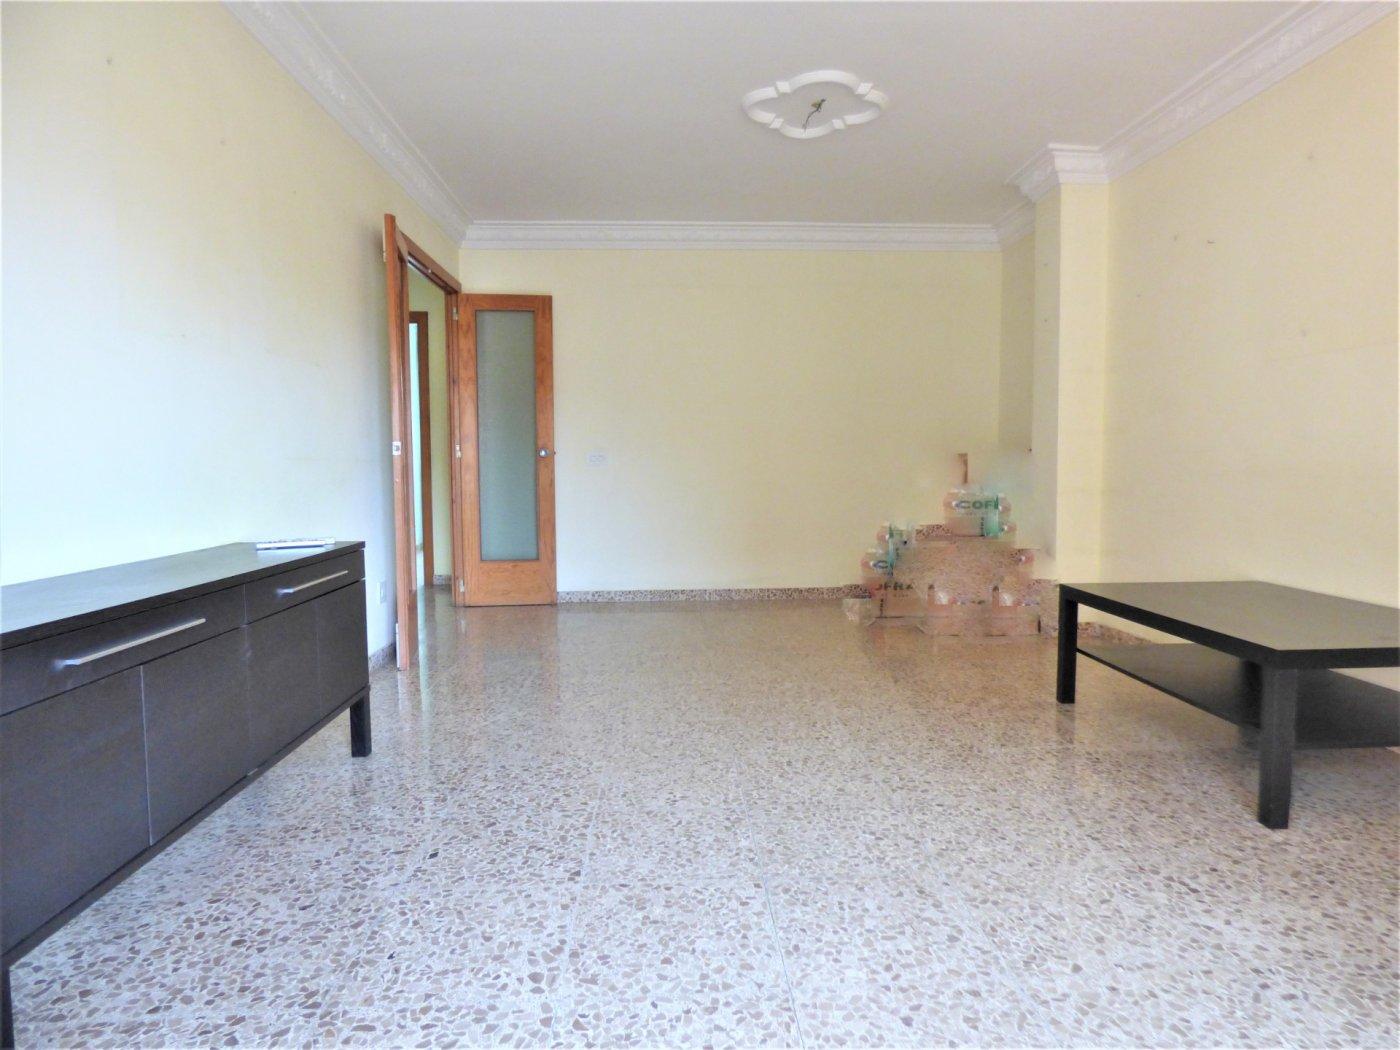 Amplio piso en son cotoner con garaje - imagenInmueble1